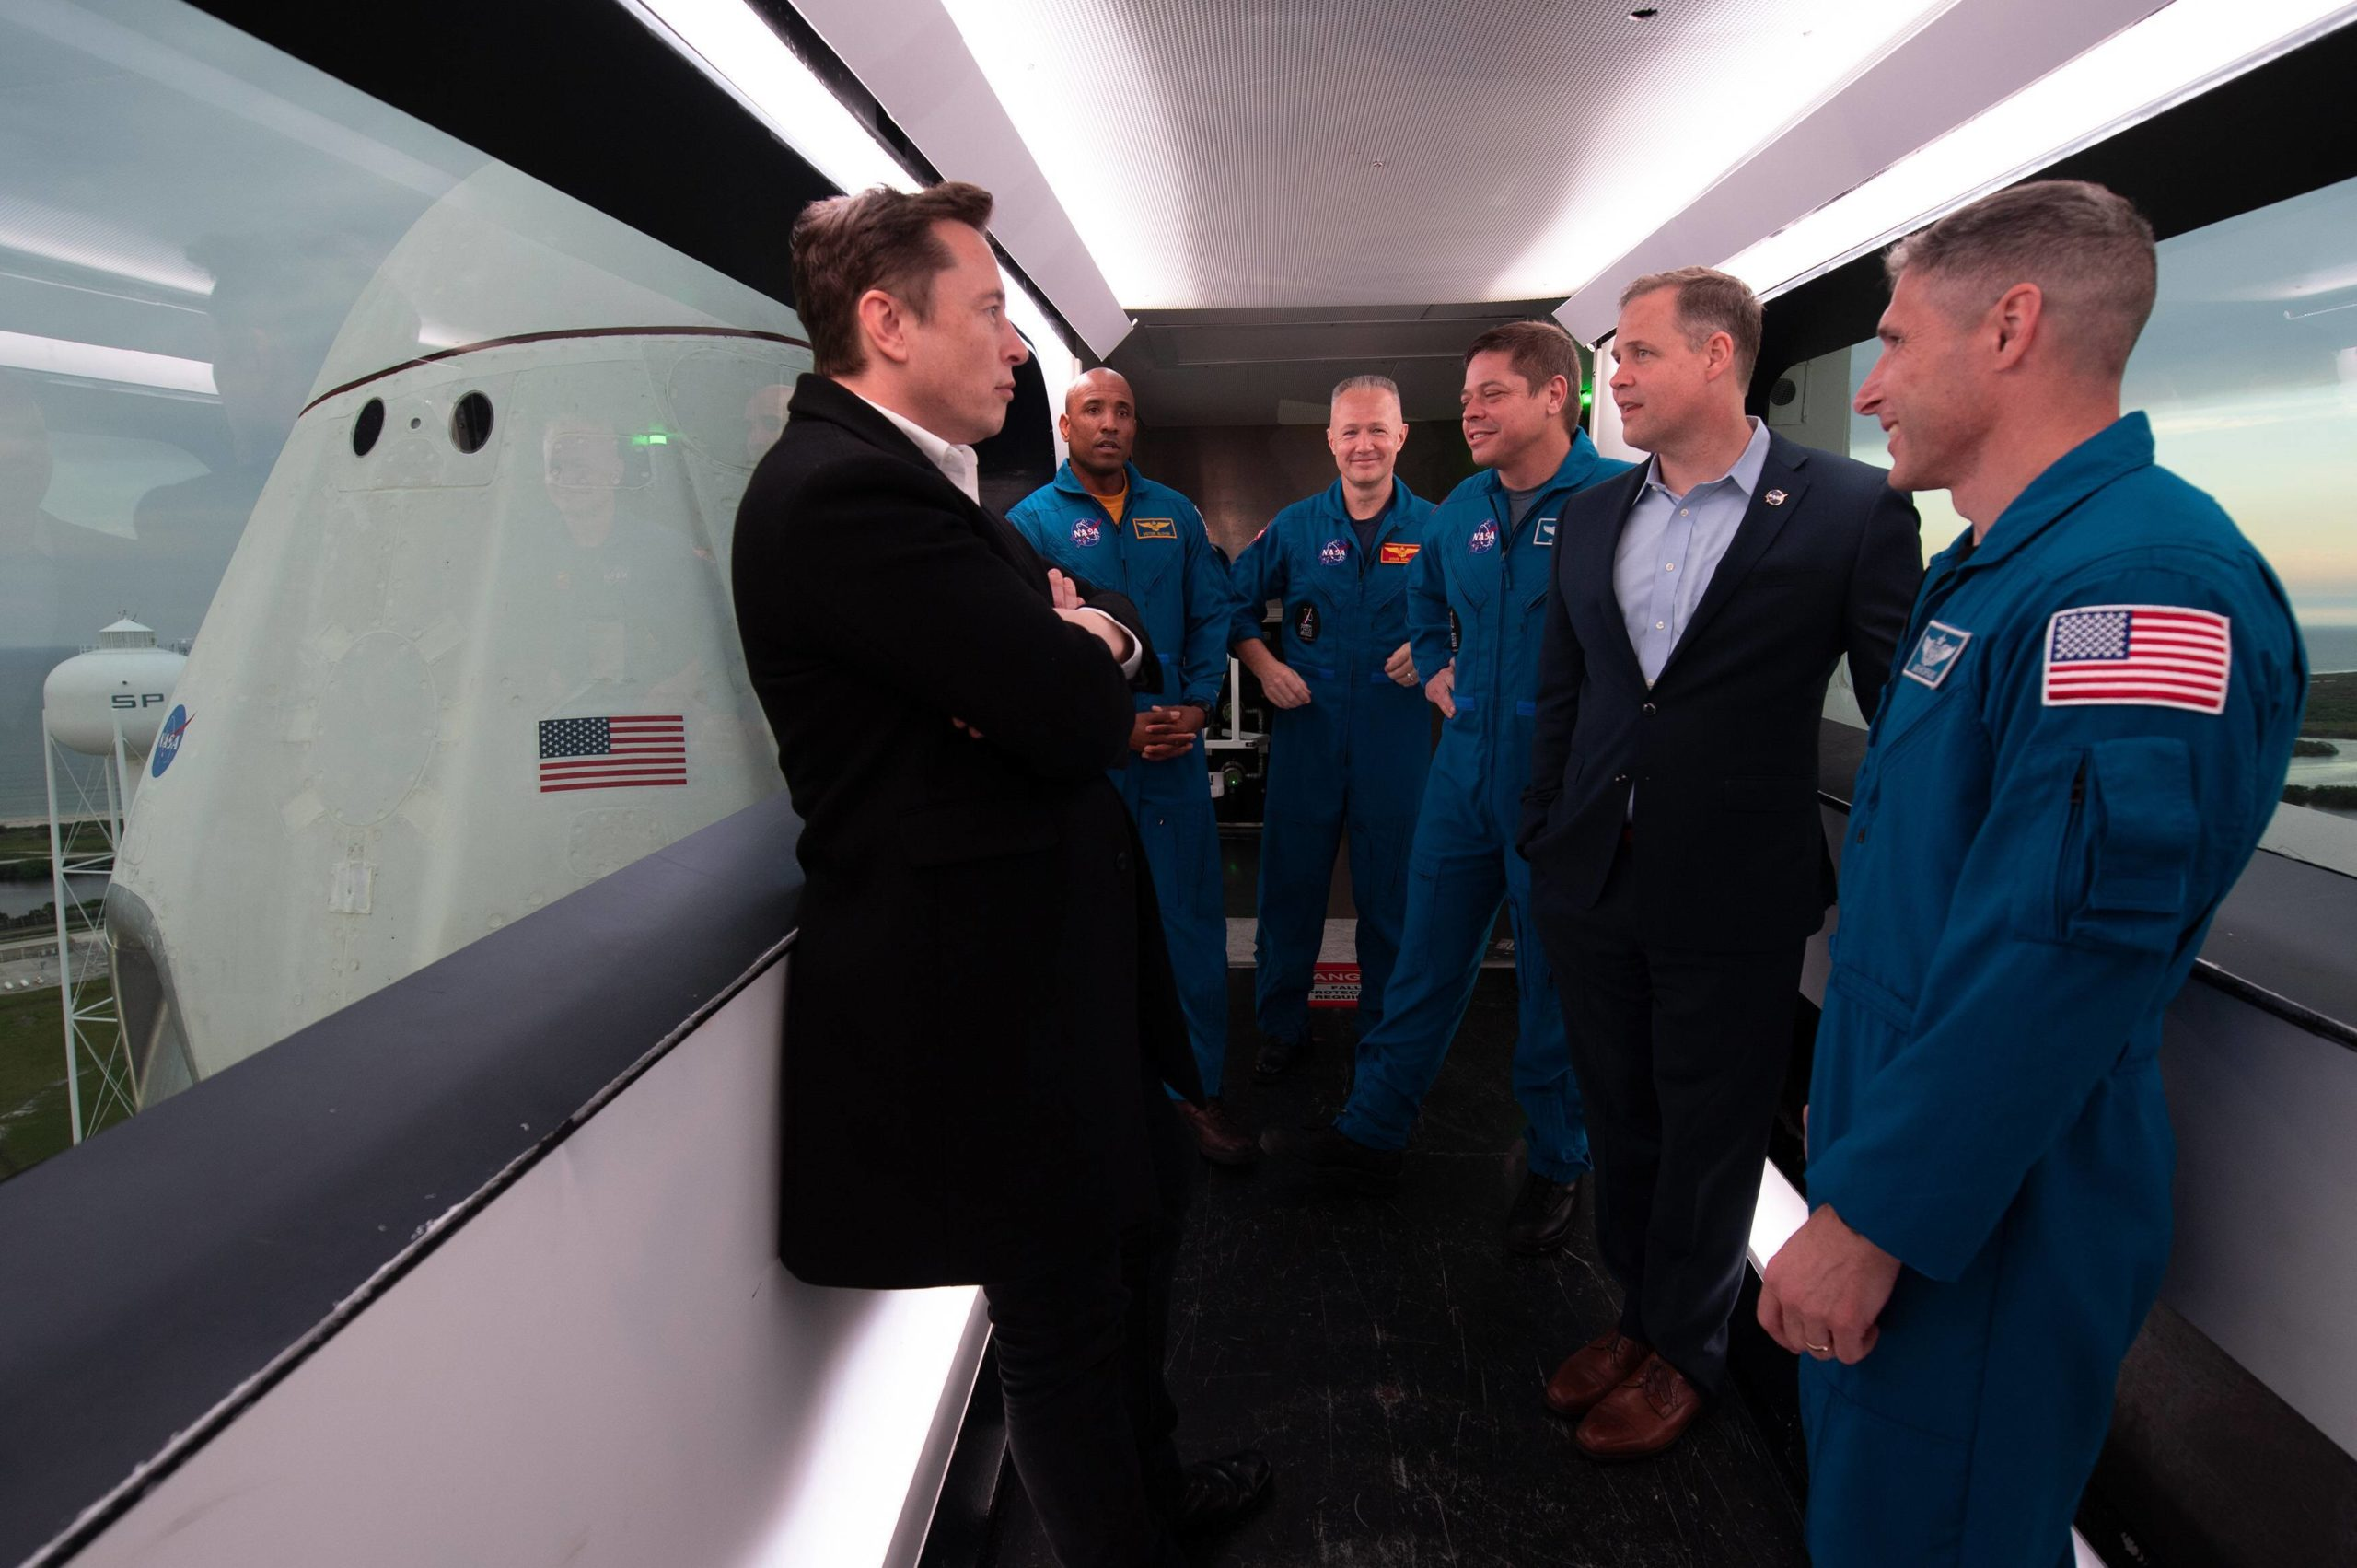 SpaceX: Börsengang für das Starlink-Geschäft geplant